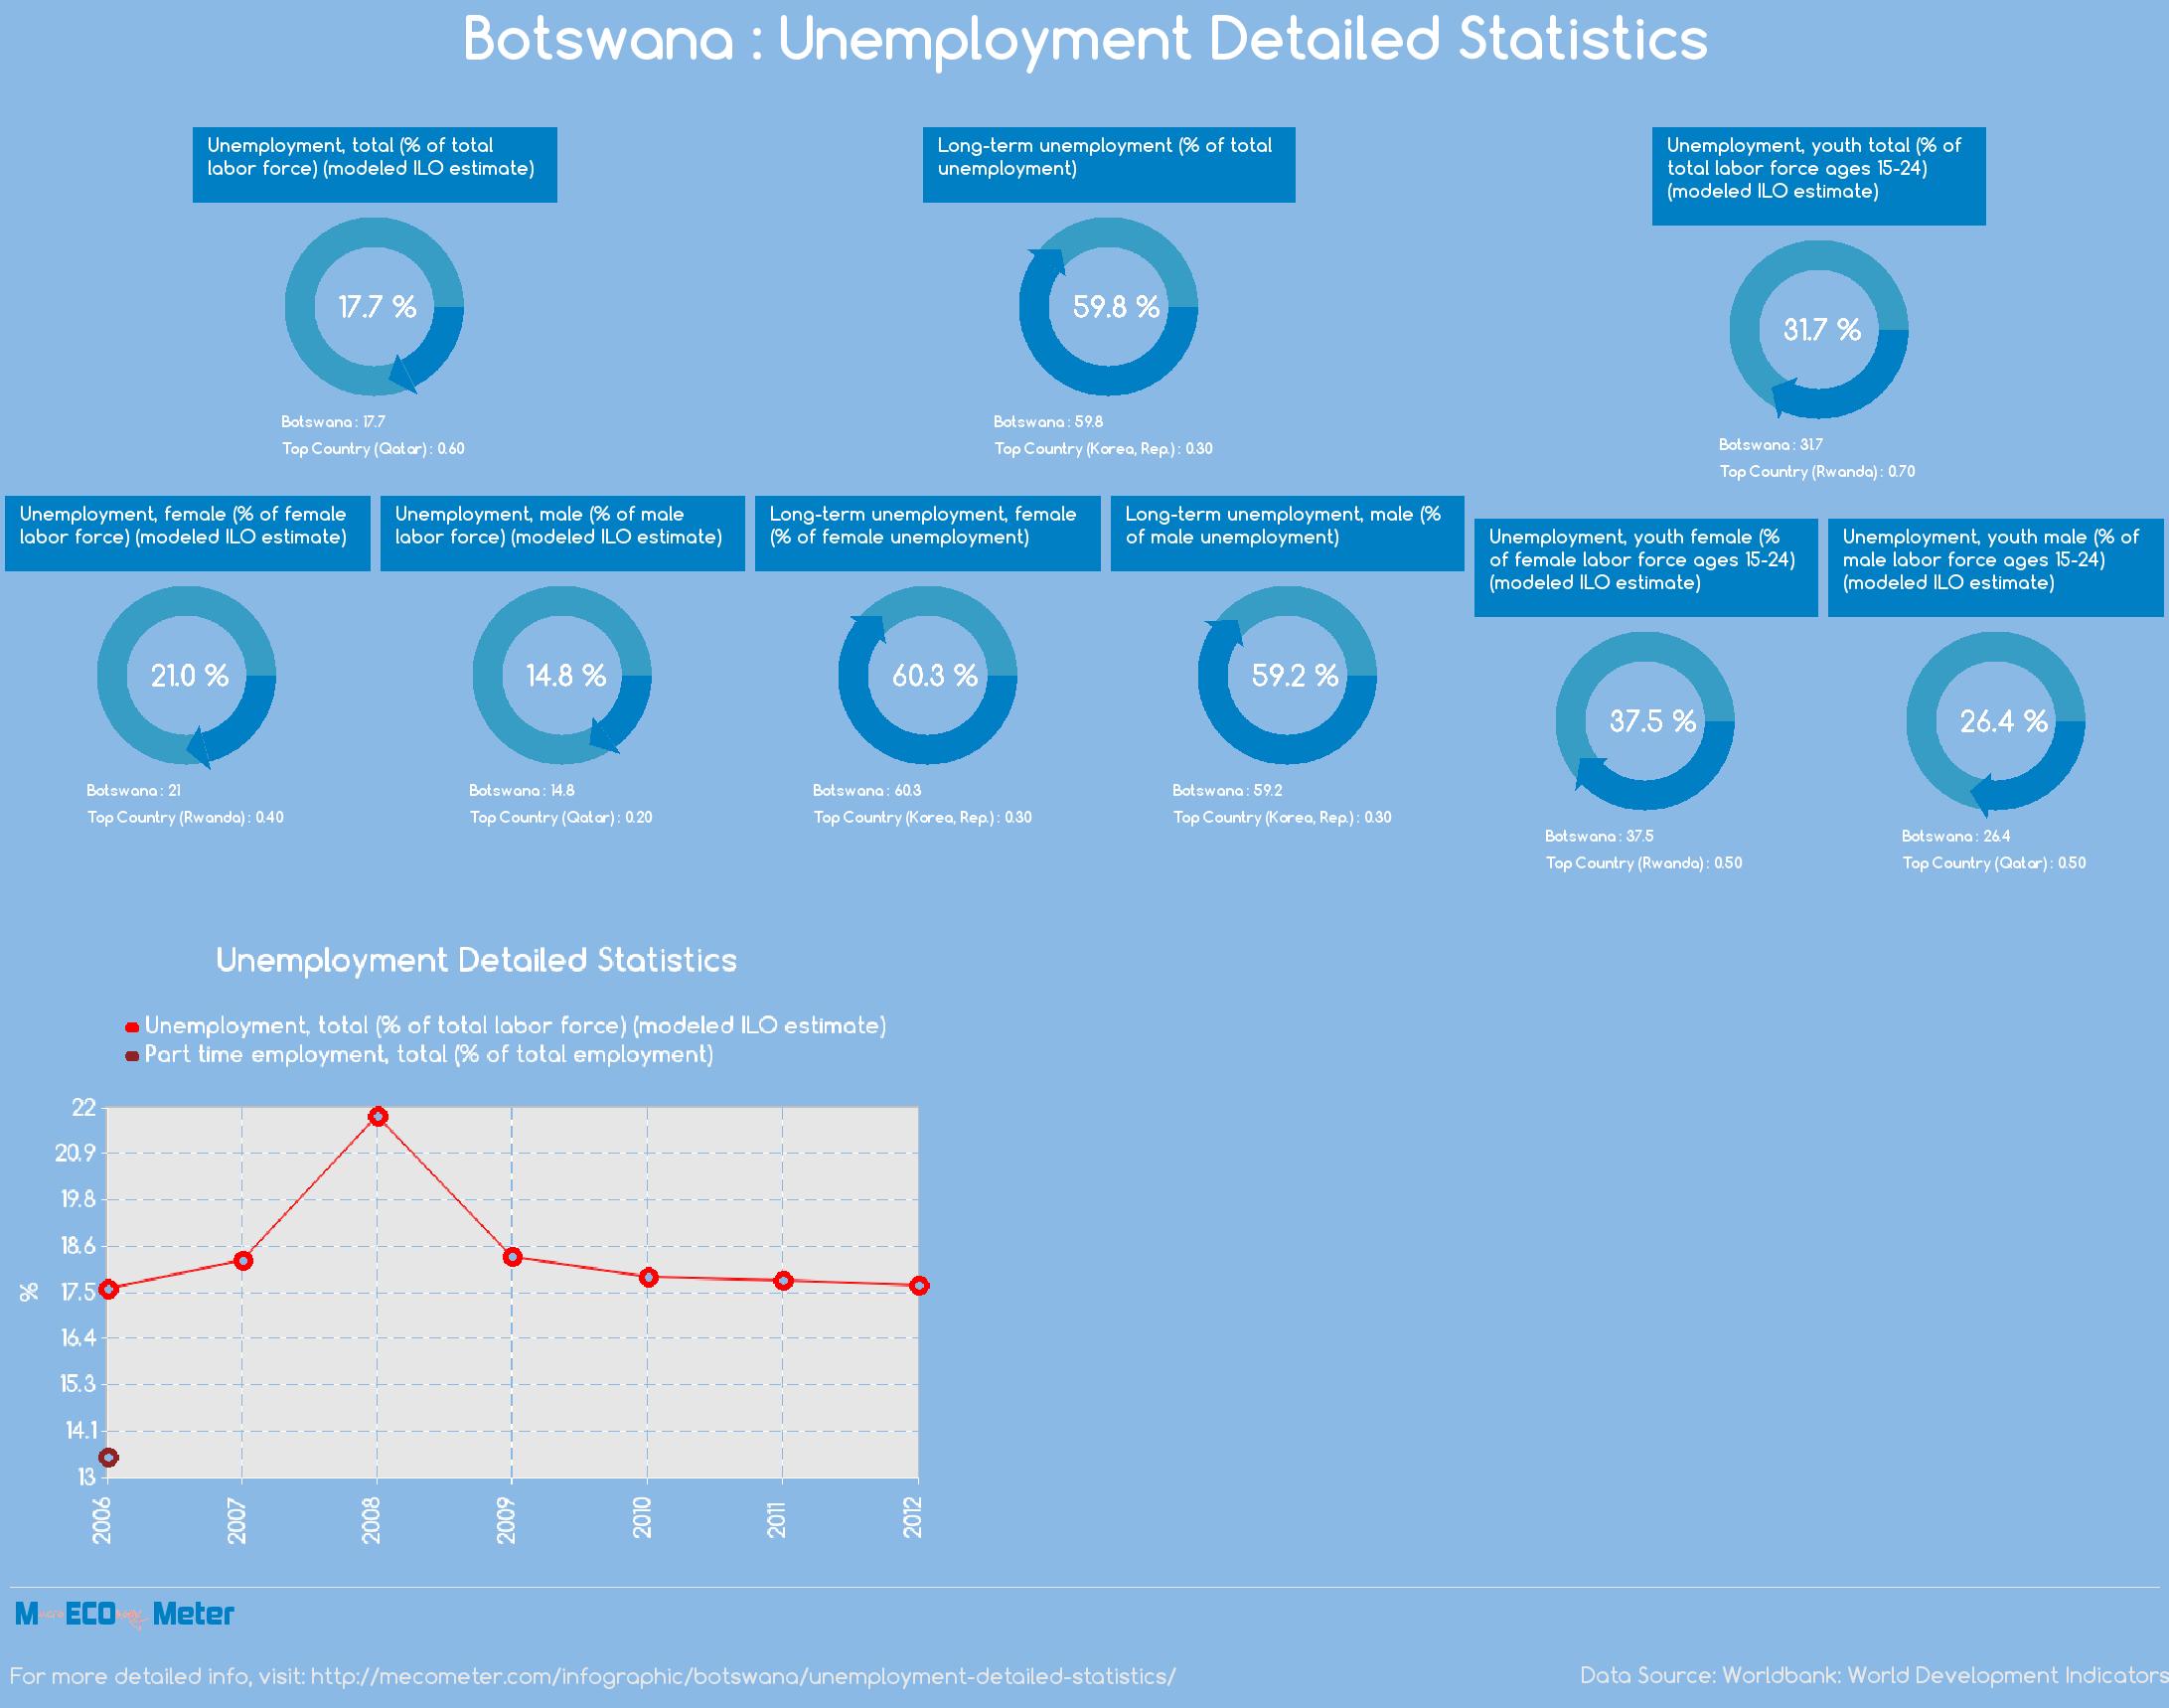 Botswana : Unemployment Detailed Statistics